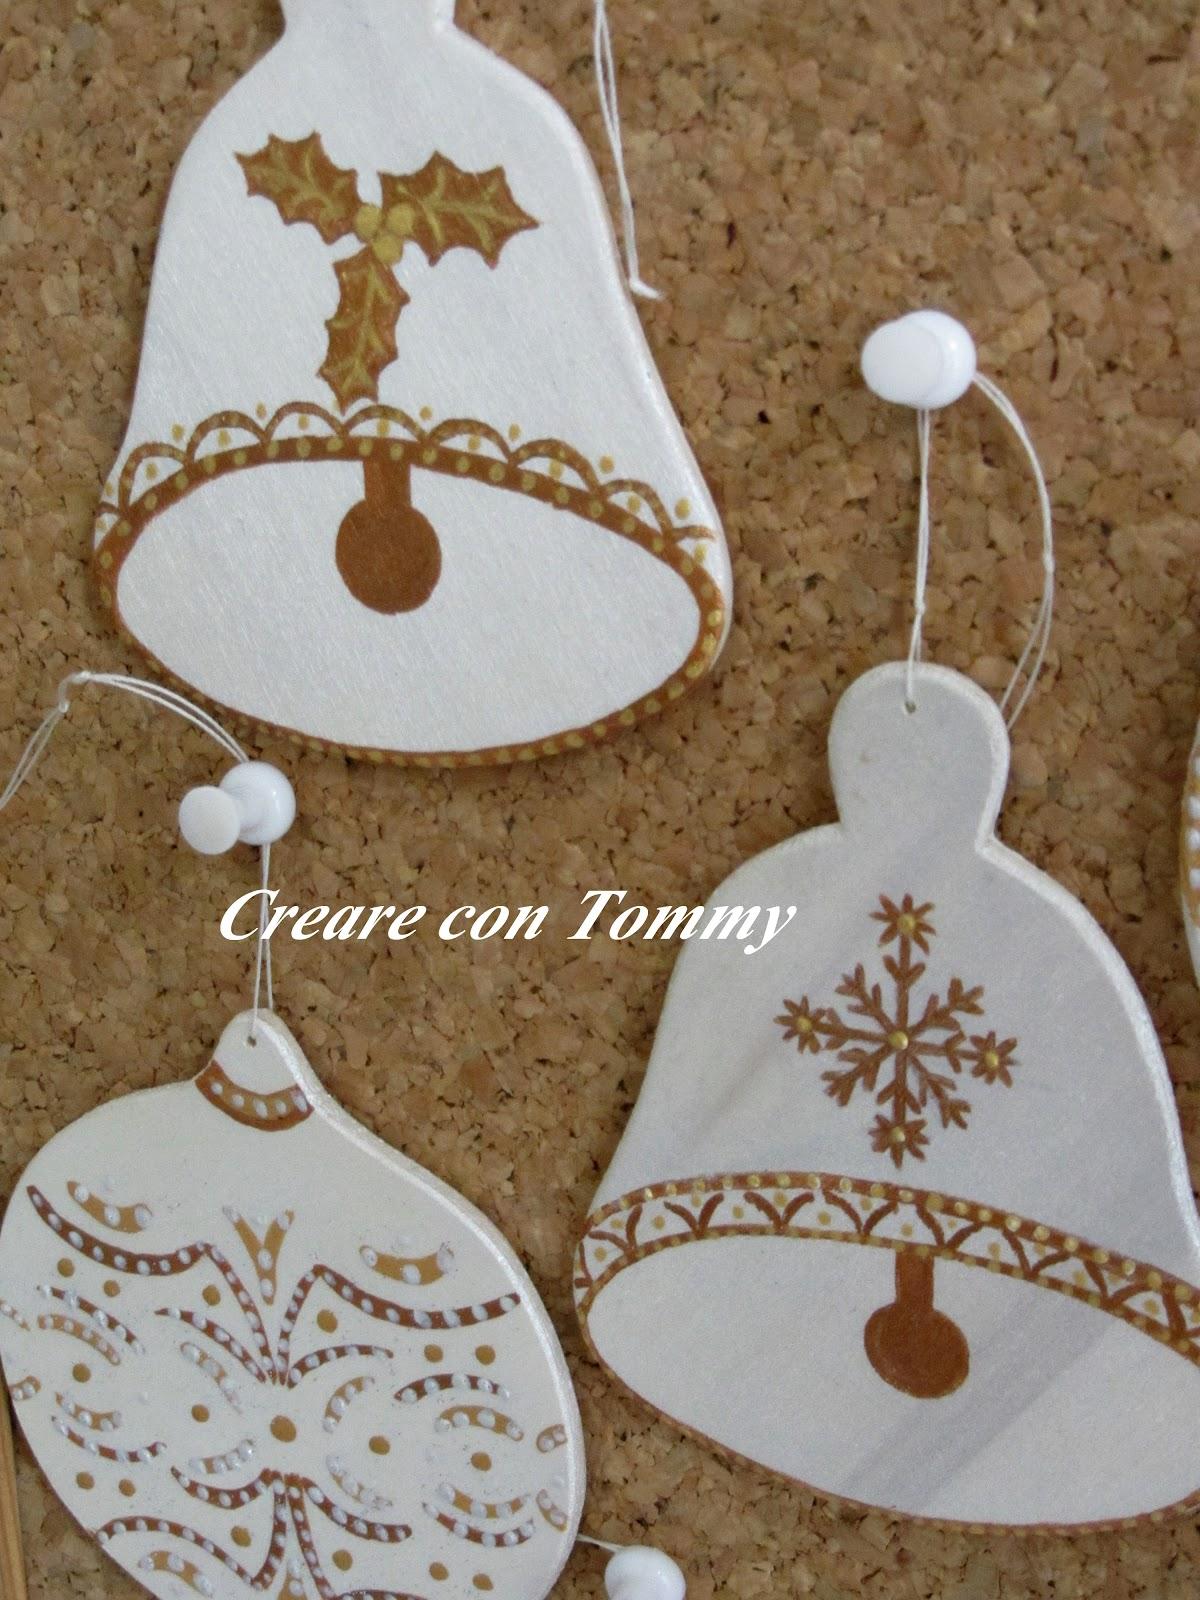 Creare con tommy natale decorazioni natalizie in legno - Decorazioni natalizie in legno ...